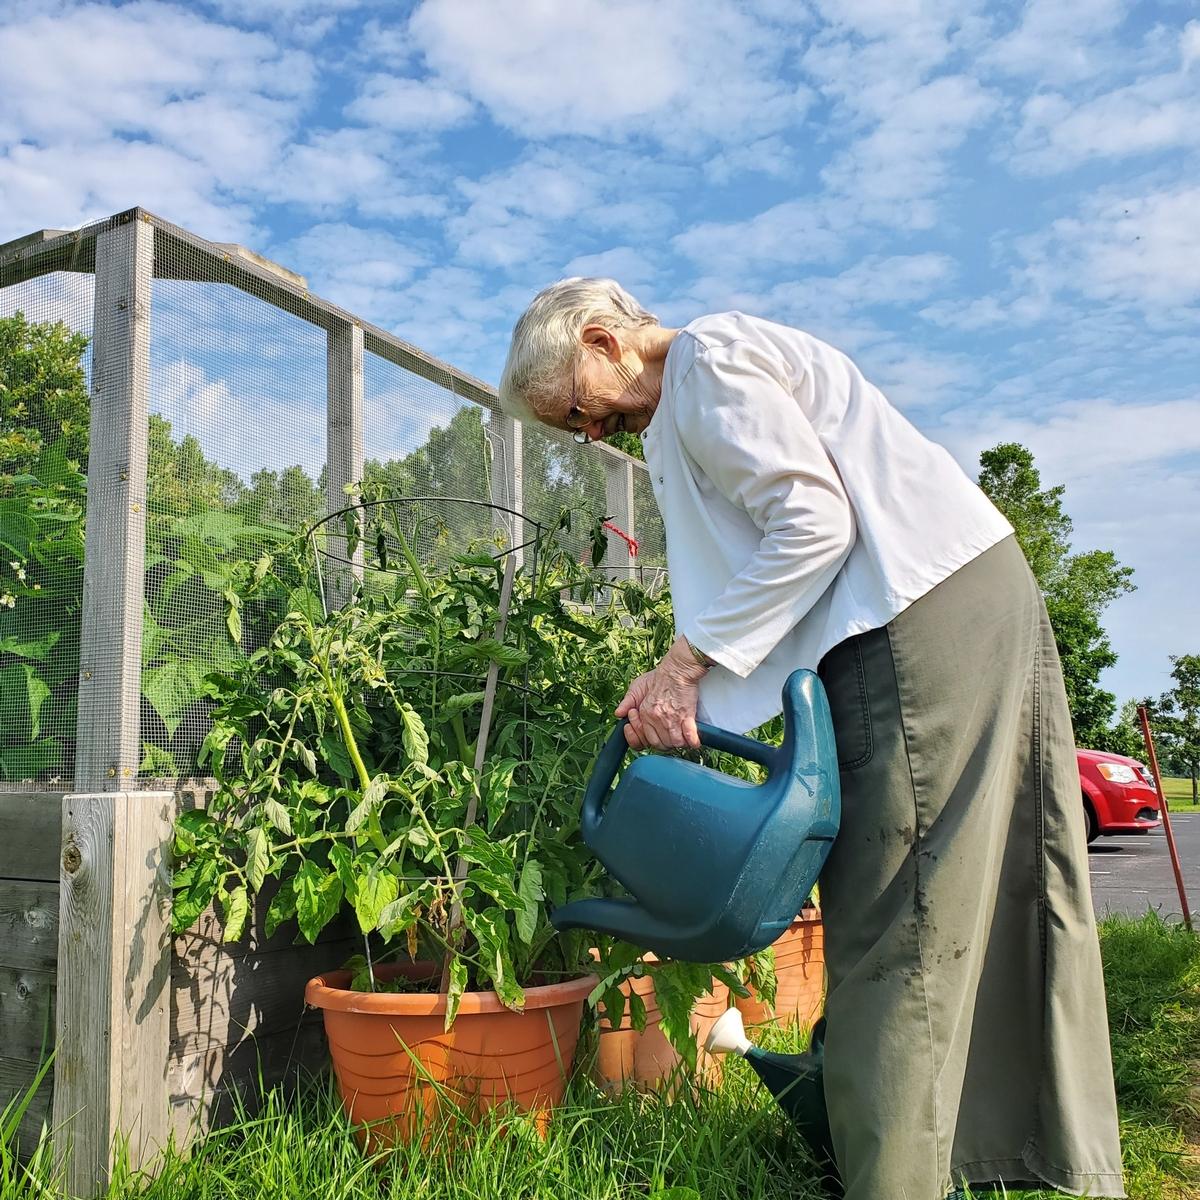 Sister Leanne watering plants